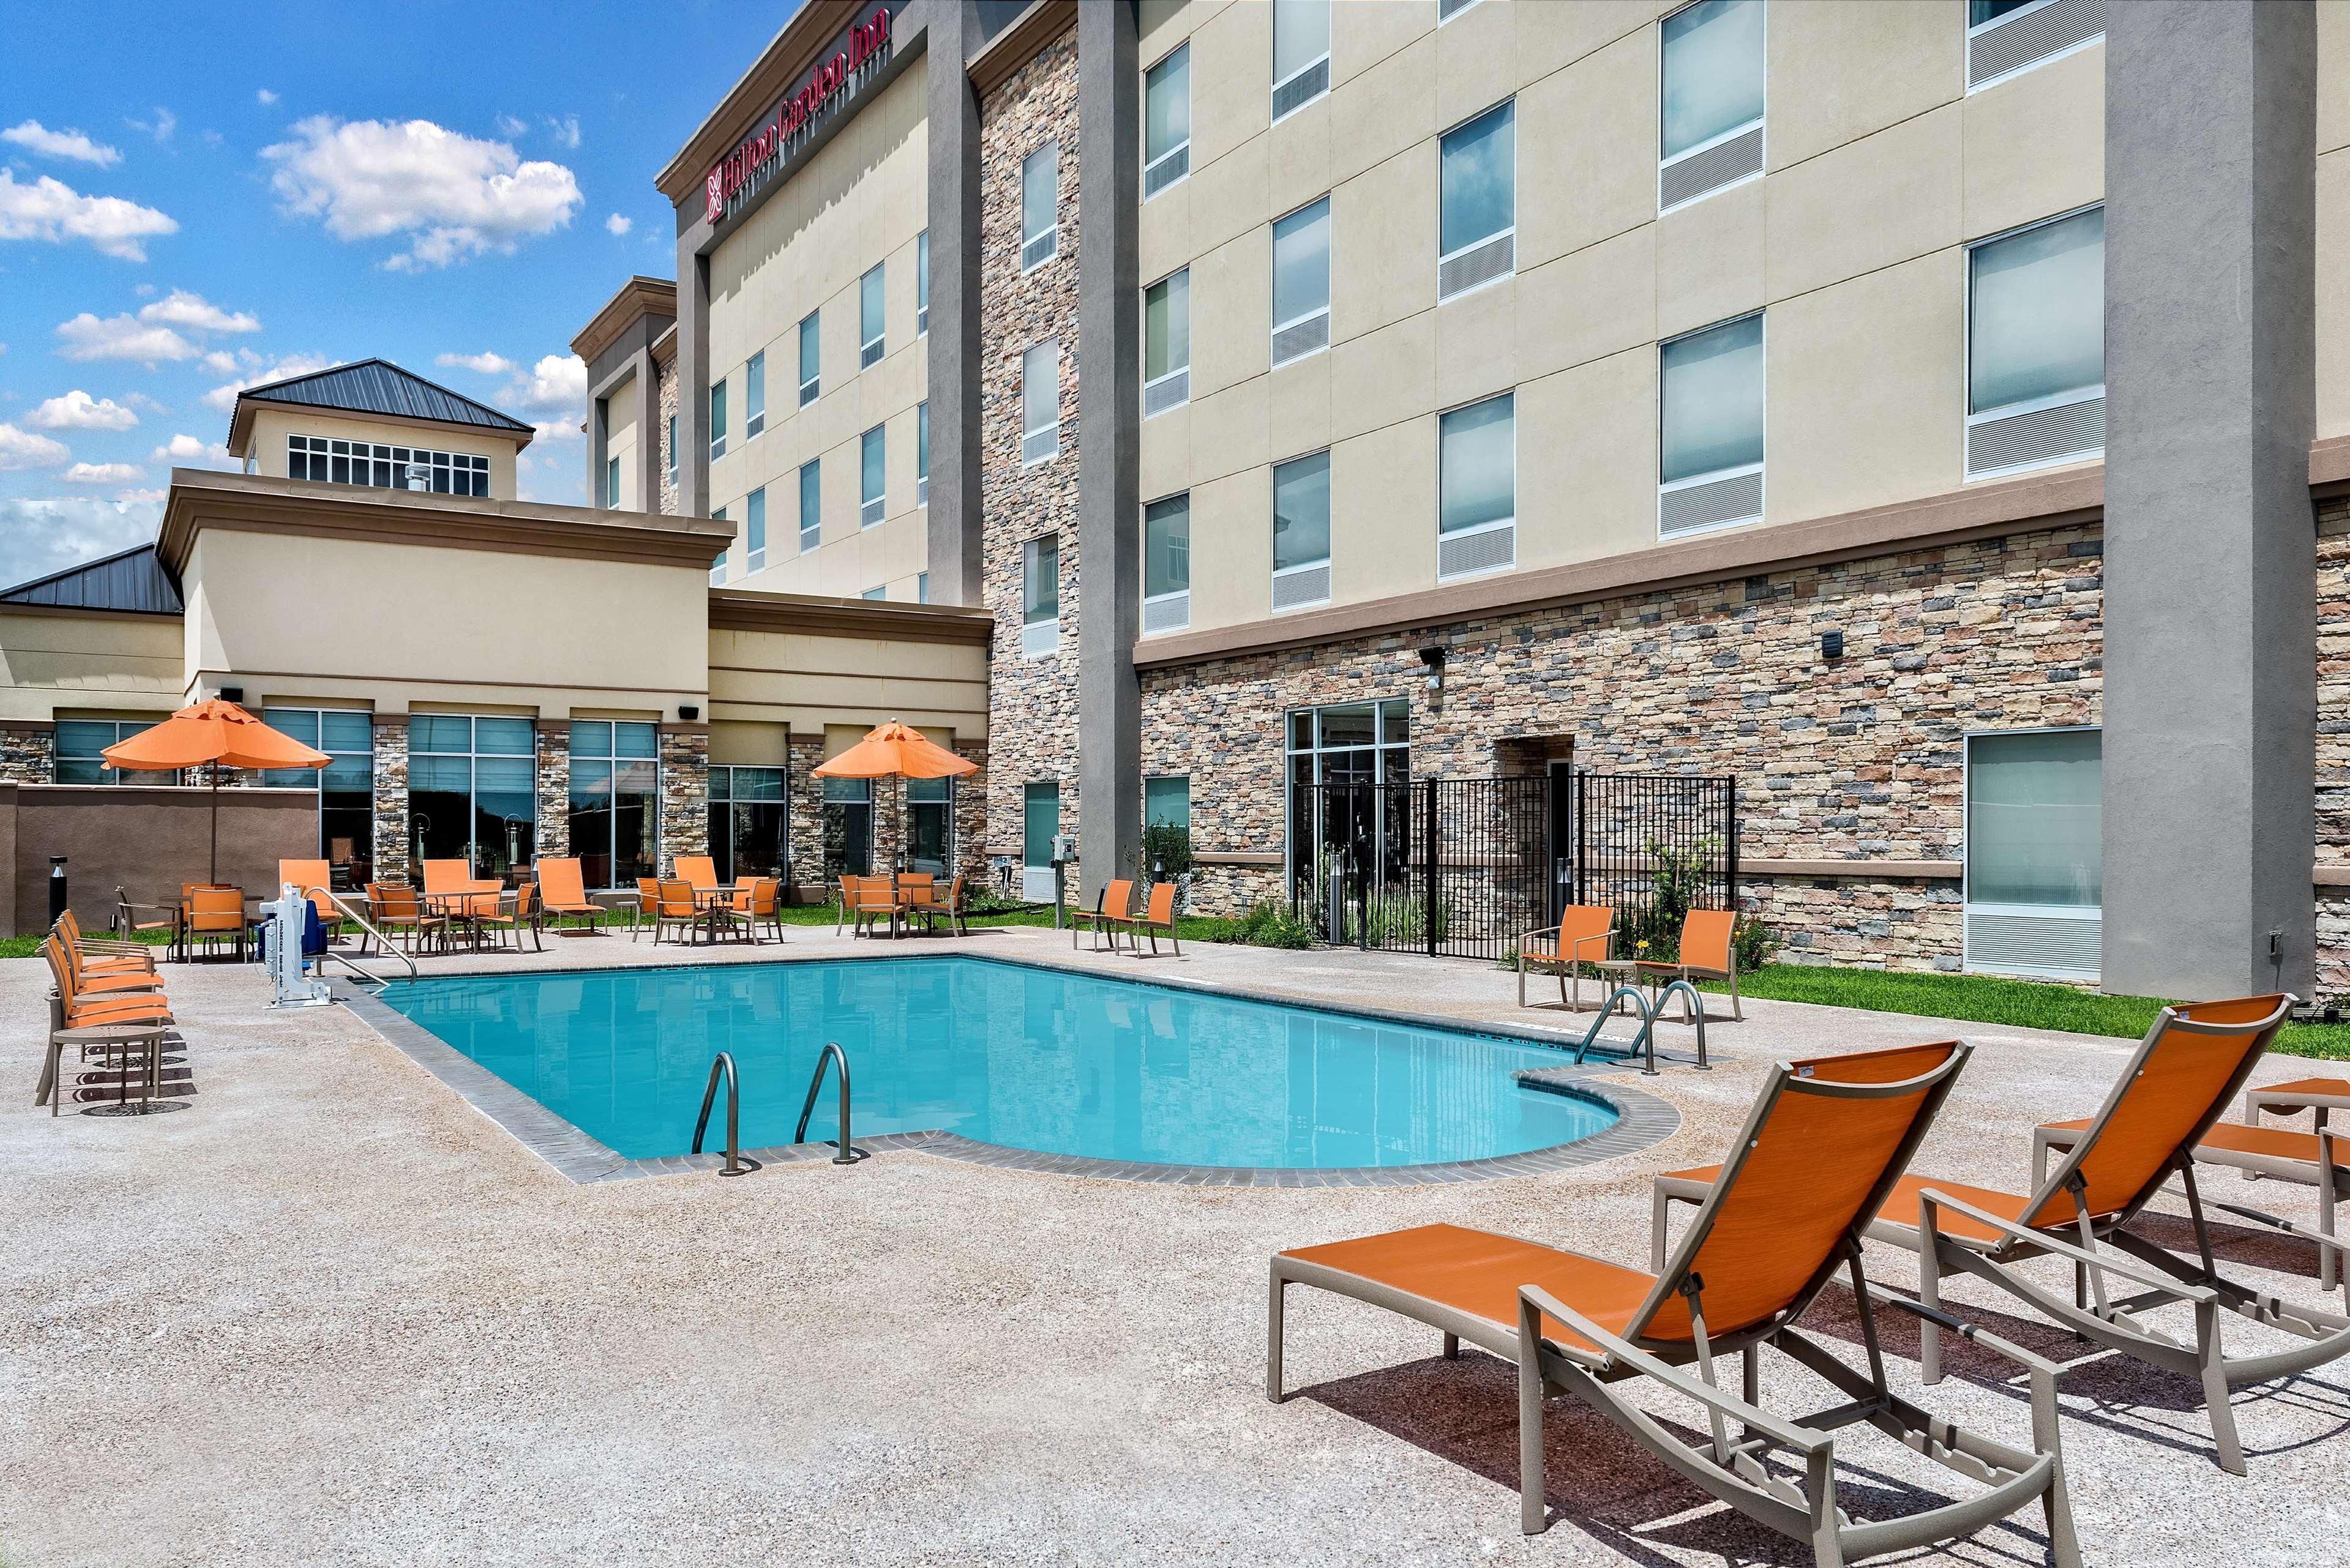 Hilton Garden Inn San Marcos image 13